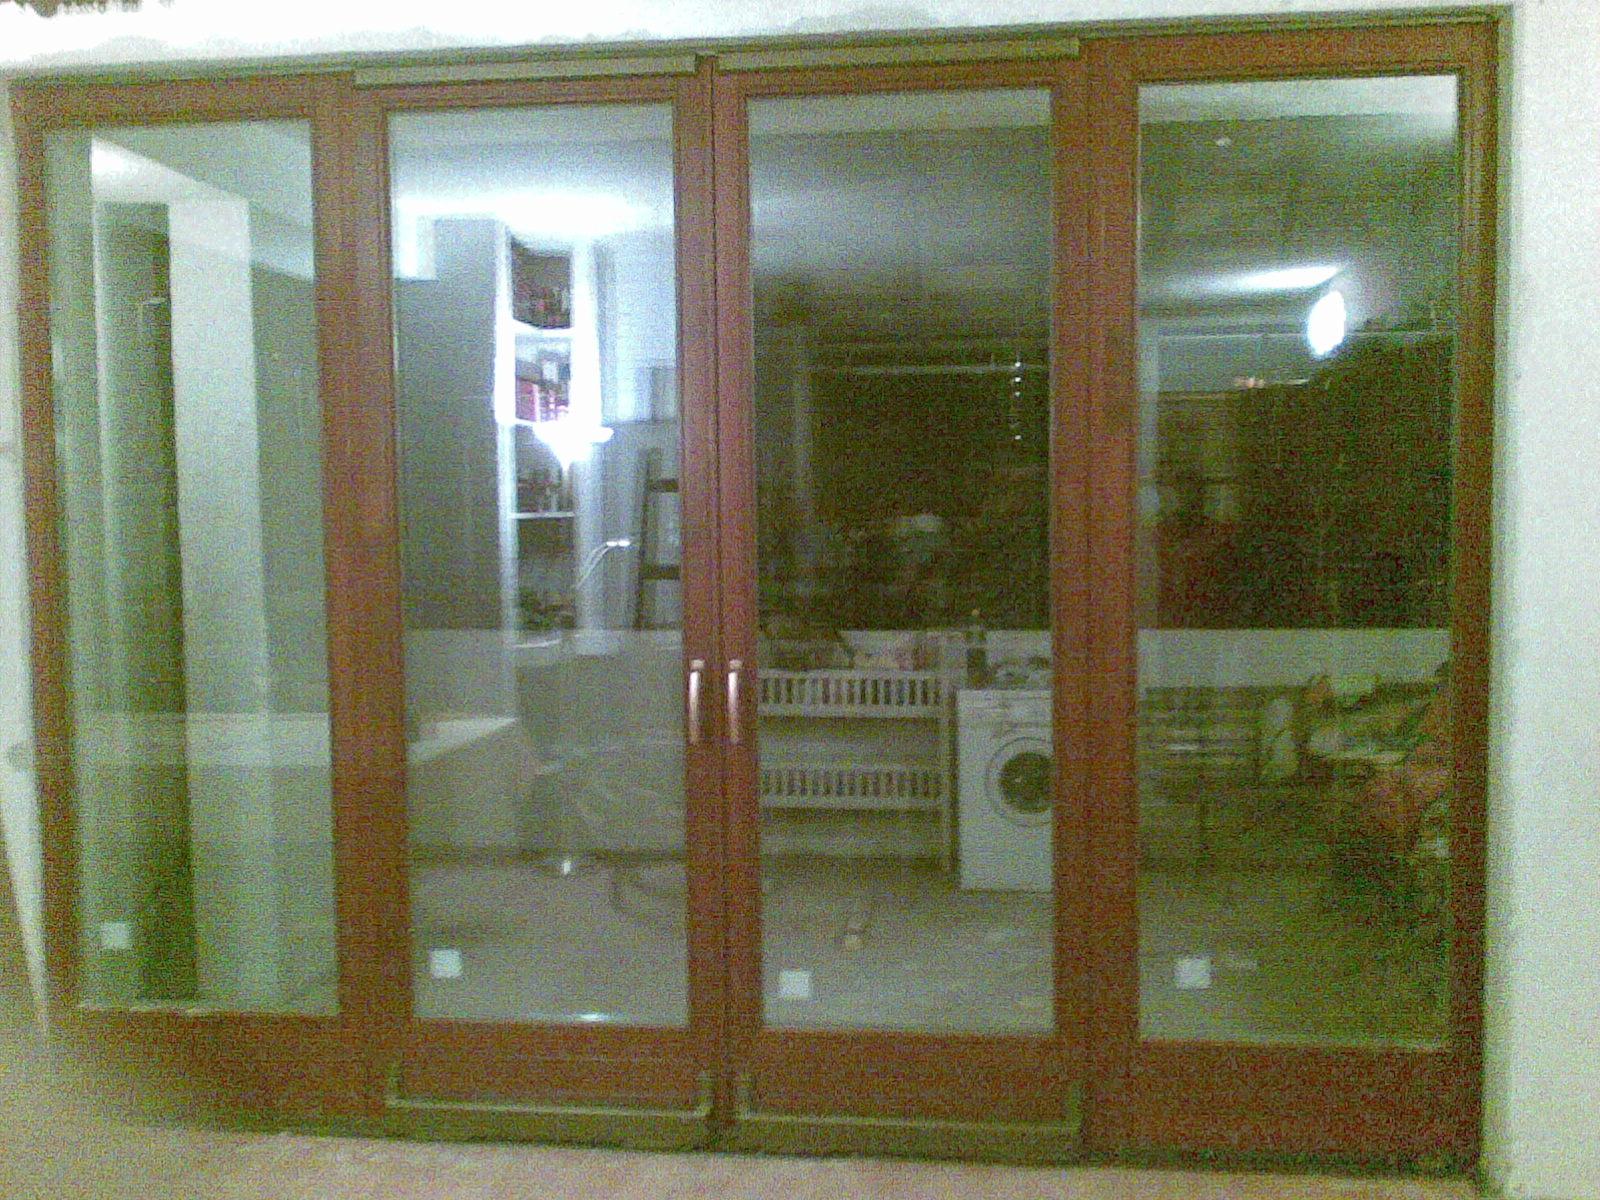 Posuvno sklopné terasové dvere